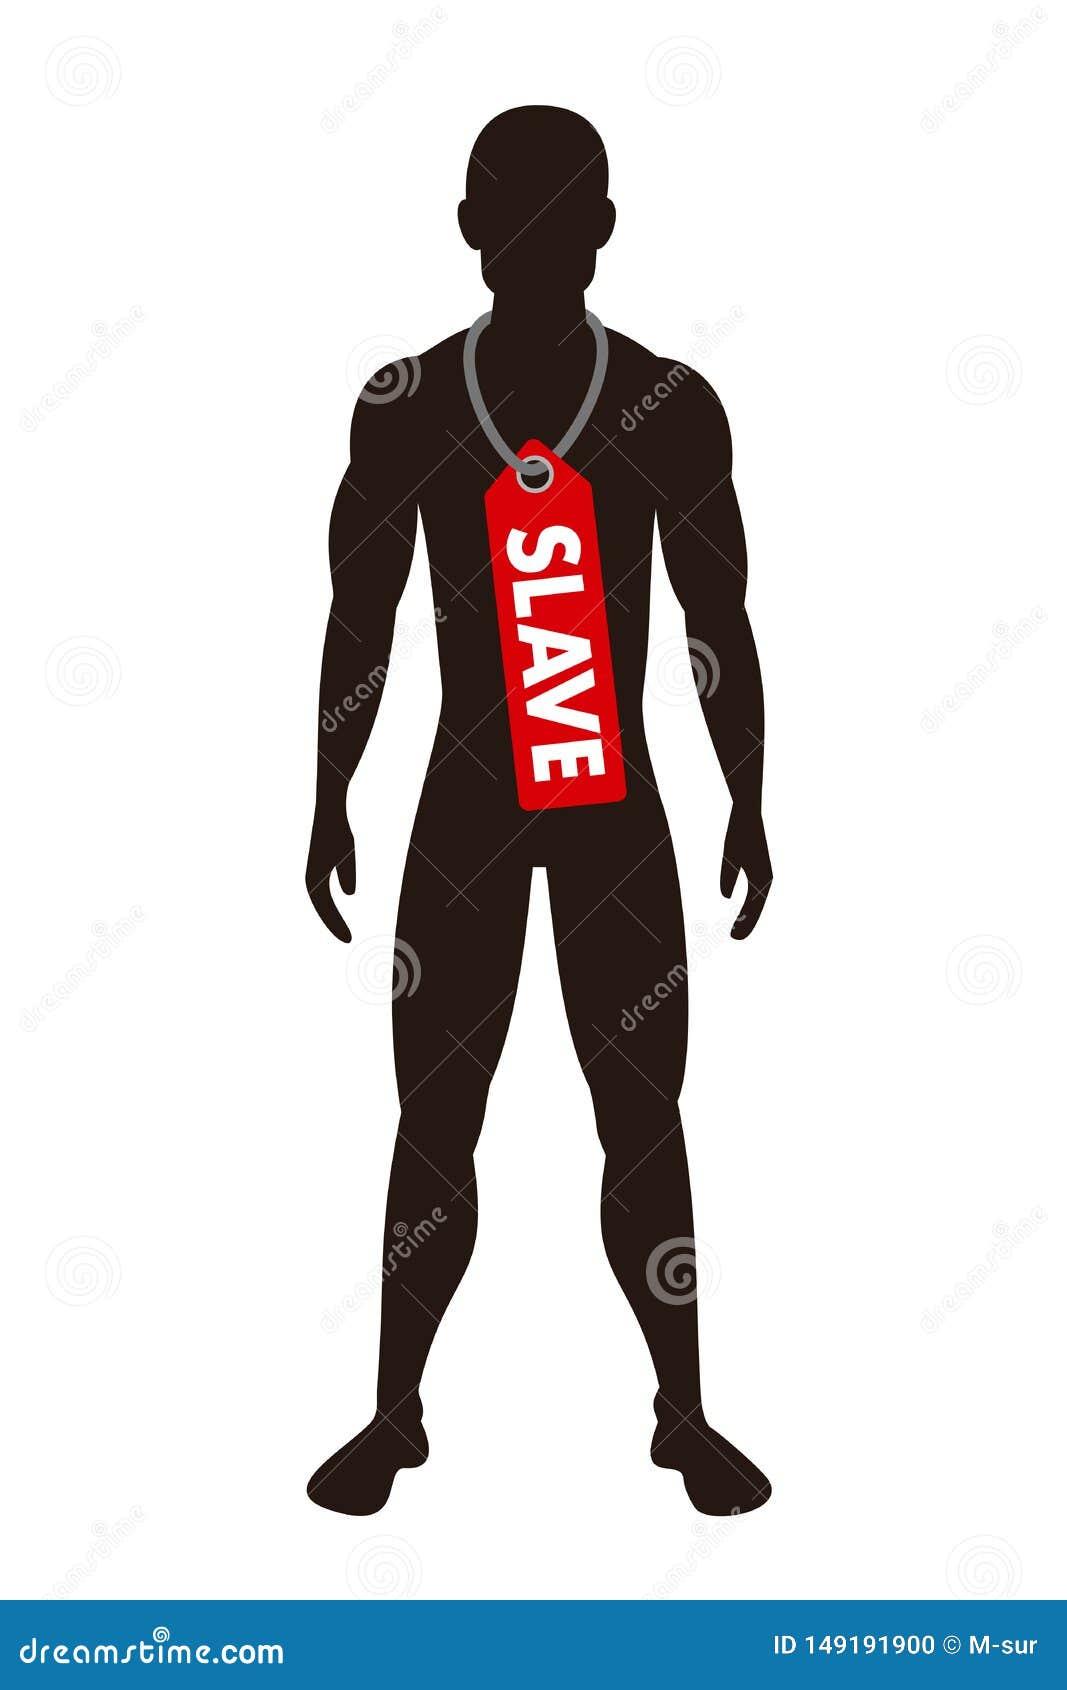 Mann und Mann wird als Sklave - Sklaverei, Knechtschaft, Sklaverei und menschliches Handeln beschriftet